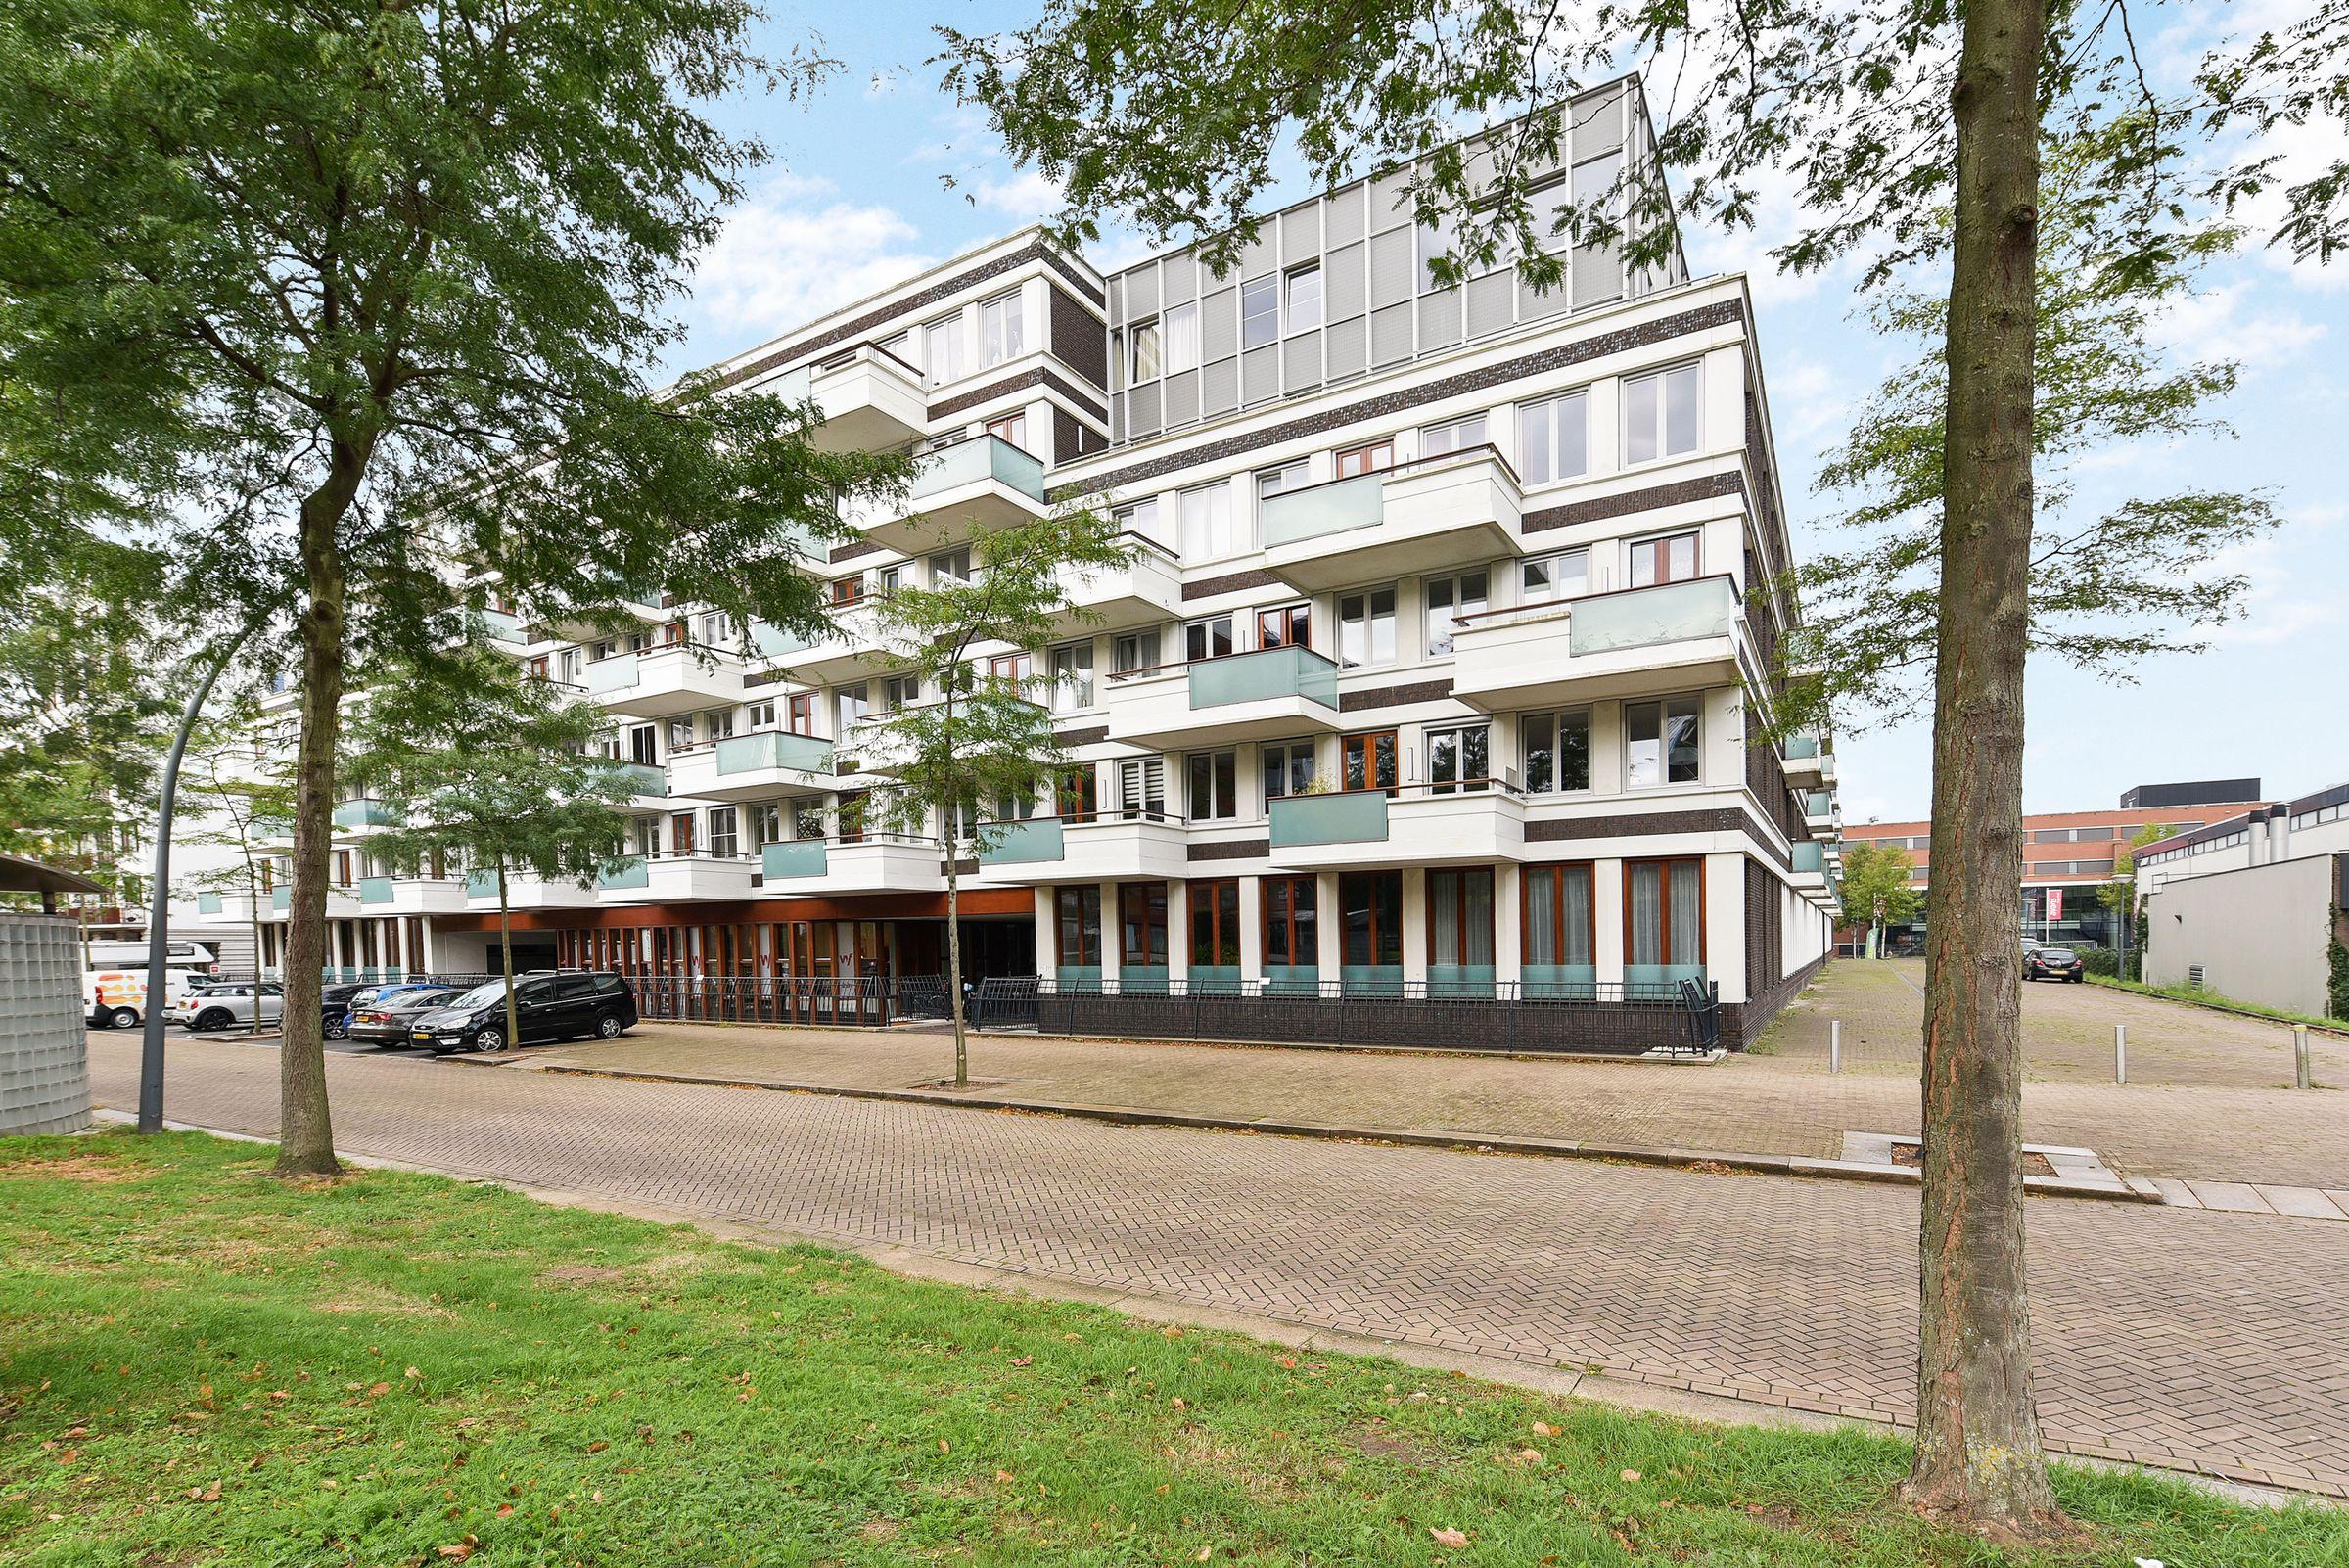 Statenlaan 175, 's-Hertogenbosch